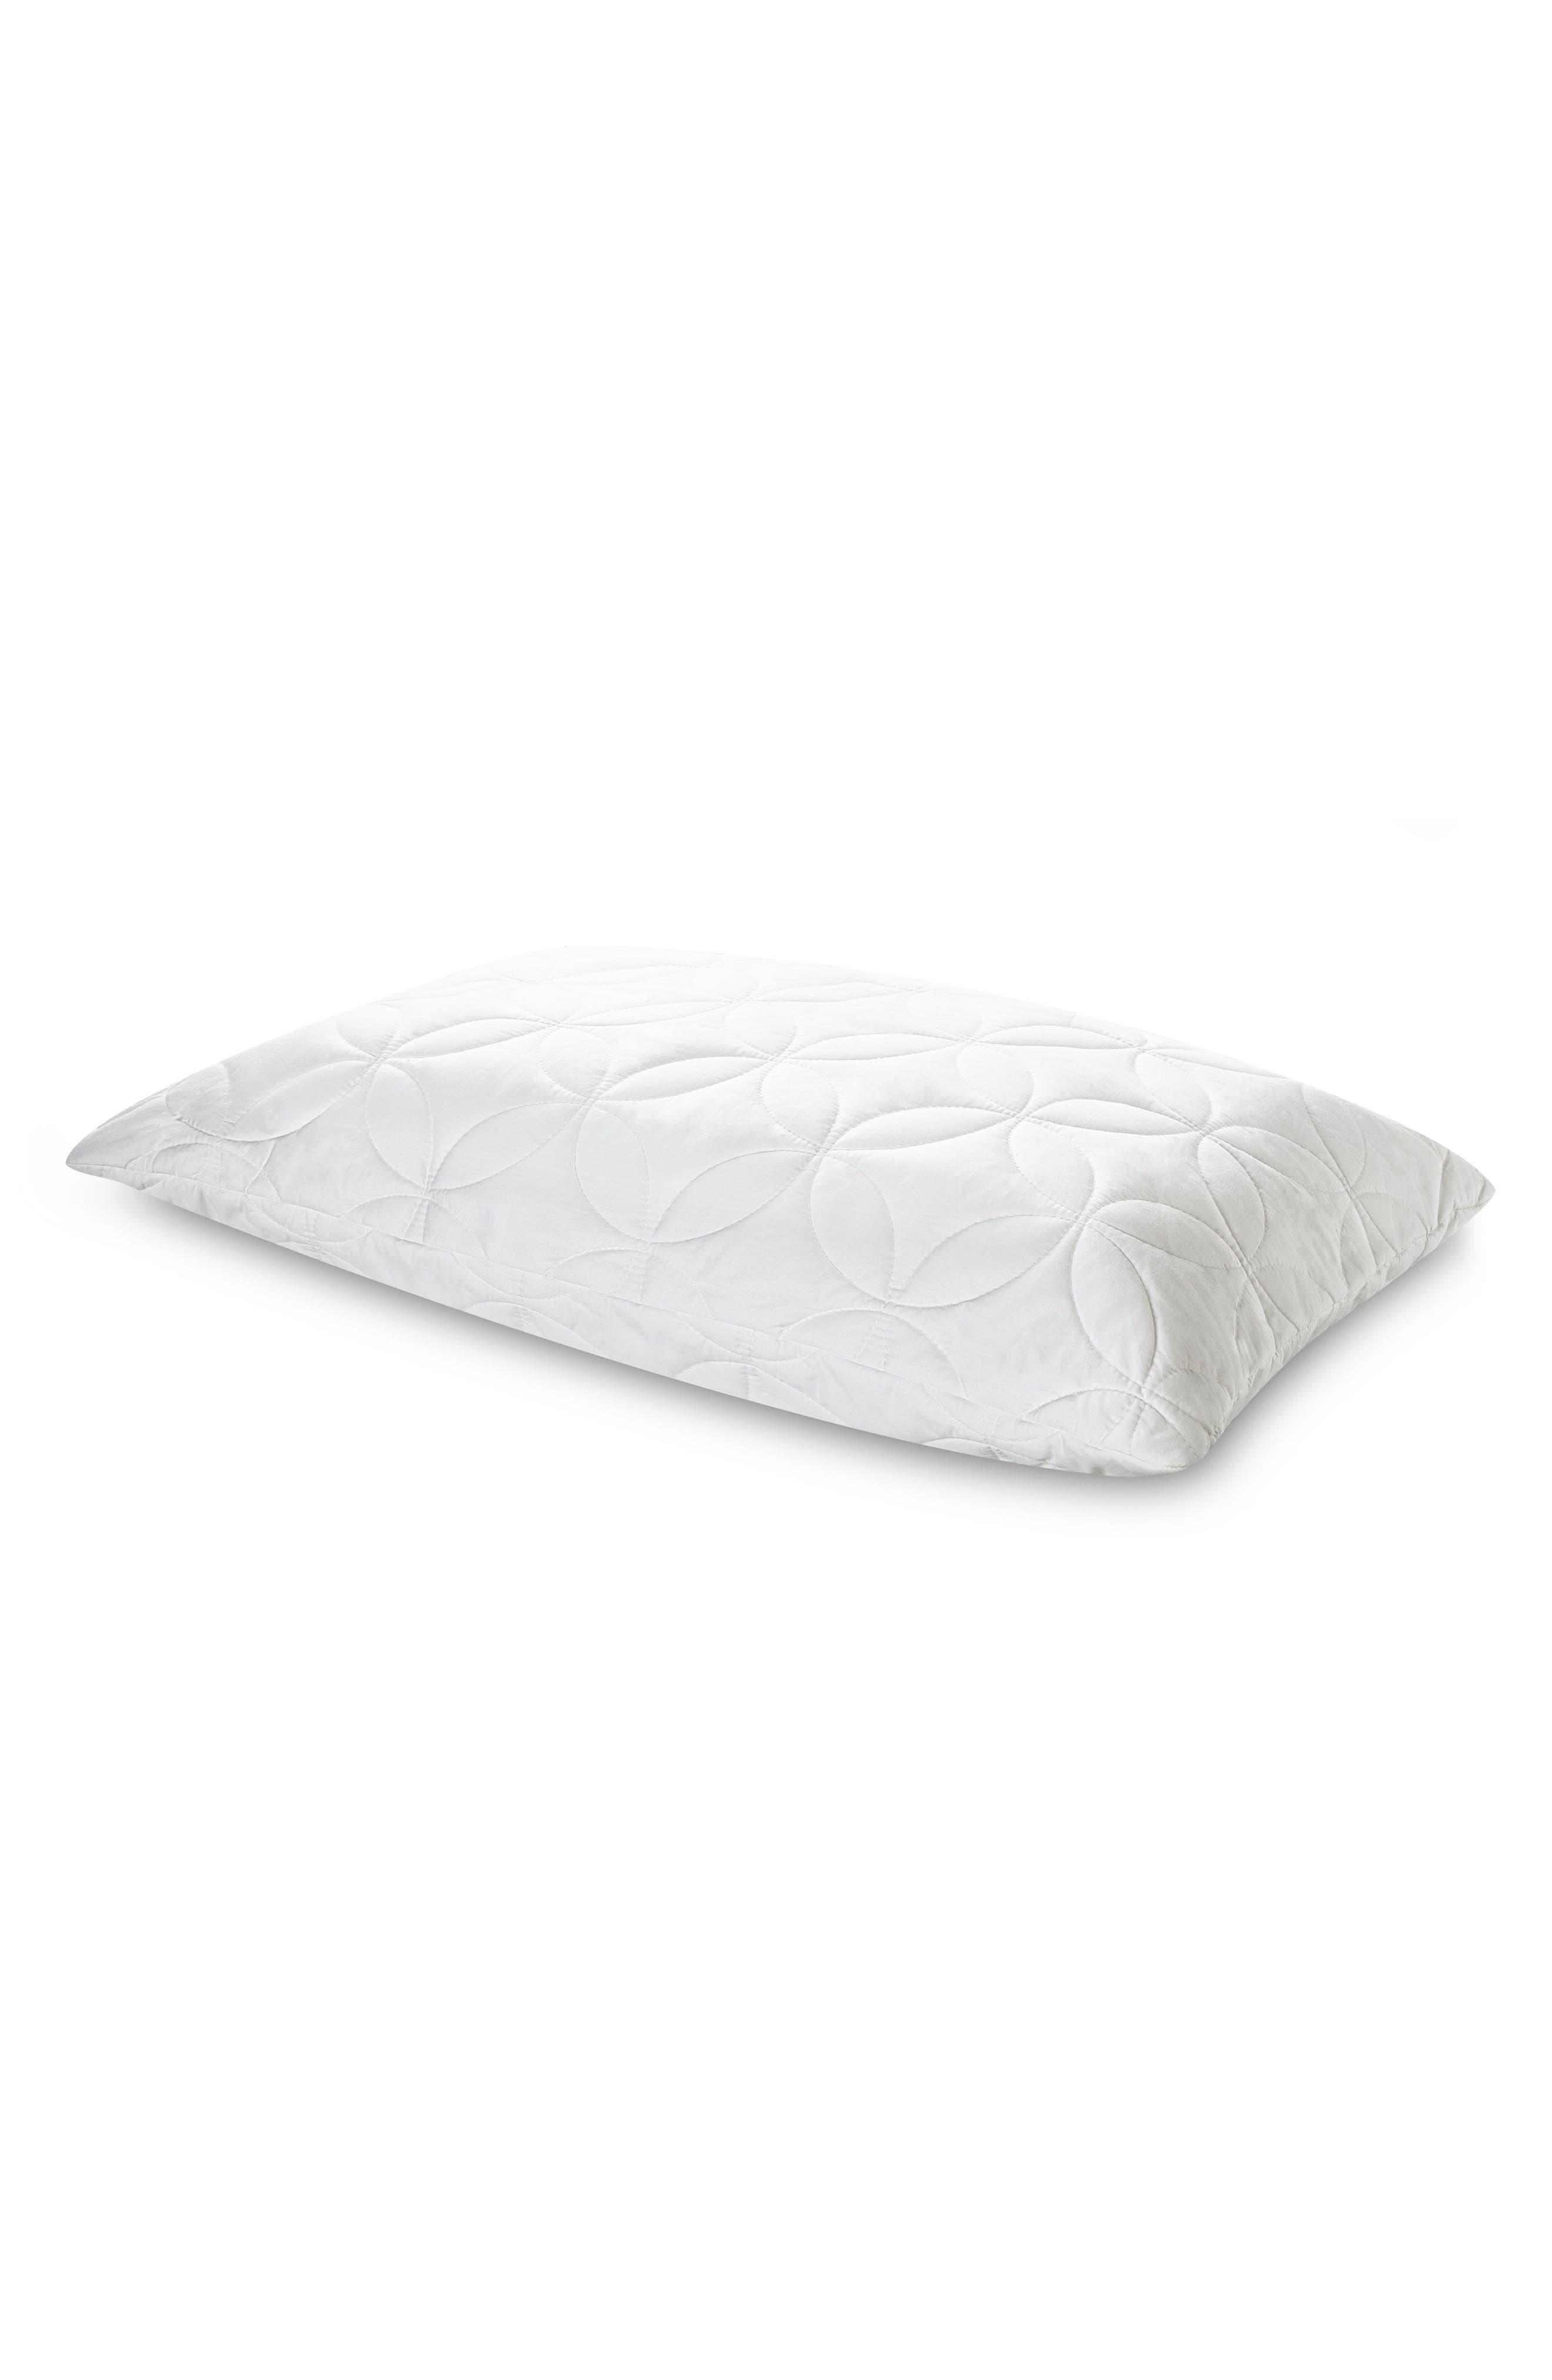 tempurpedic tempurcloud soft u0026 conforming king pillow